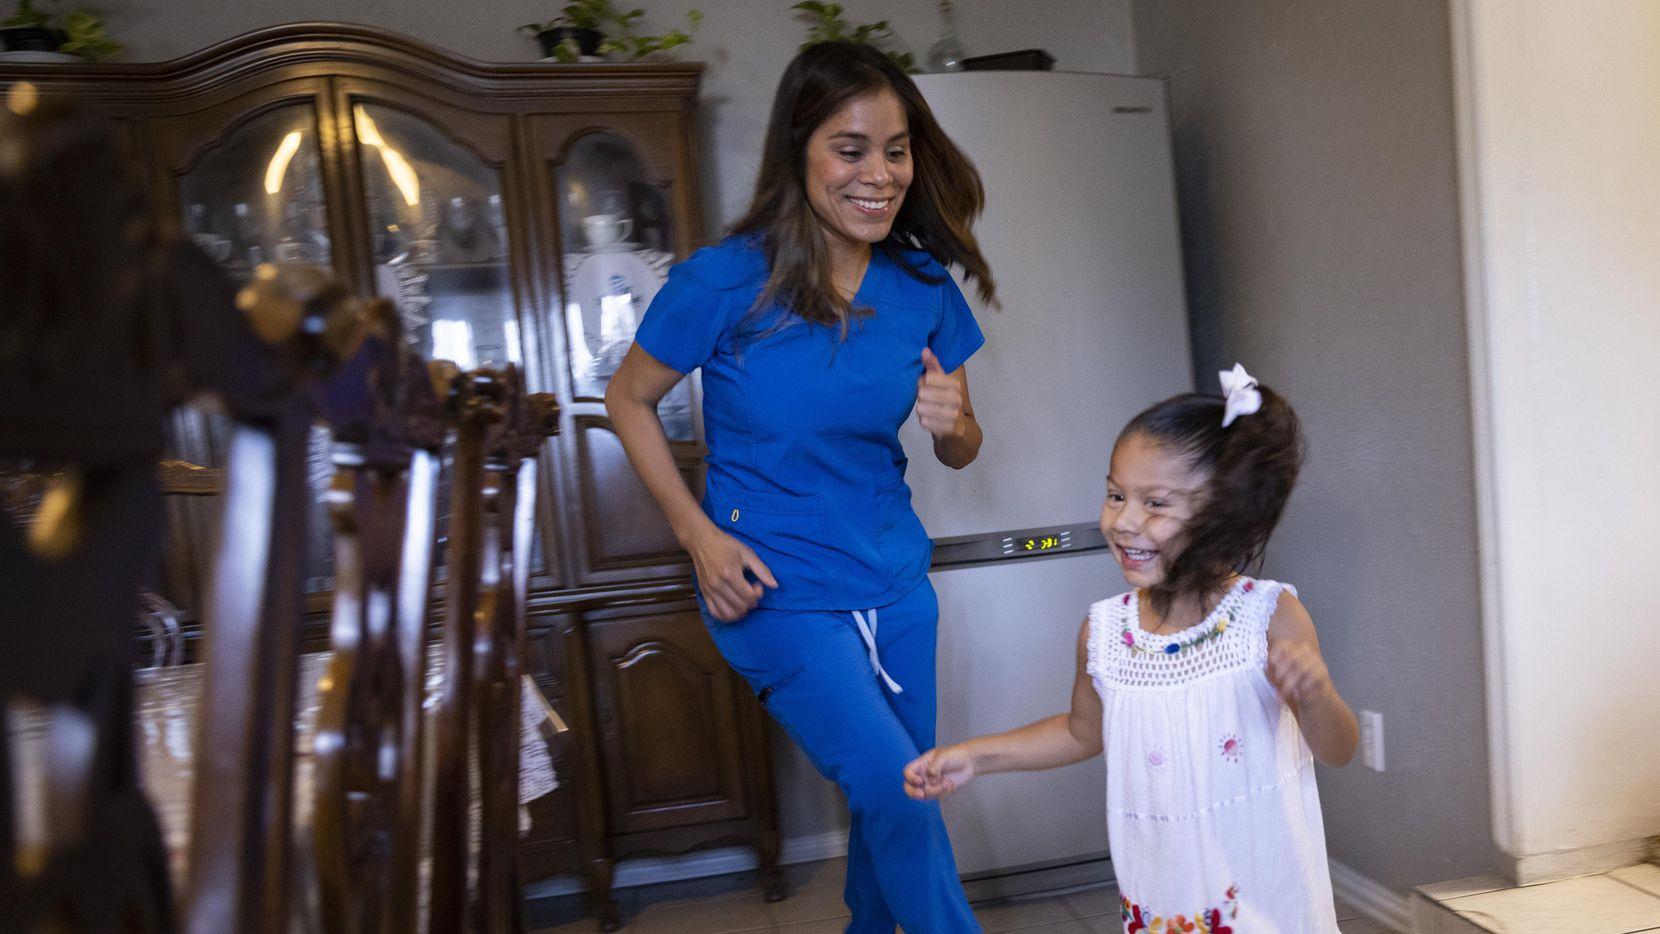 Perla Sánchez-Pérez, enfermera de cuidados intensivos en la Unidad Táctica de Covid, juega con su hija Angelina González, de 3 años. Sánchez Pérez lleva 18 meses trabajando con pacientes graves de covid-19.